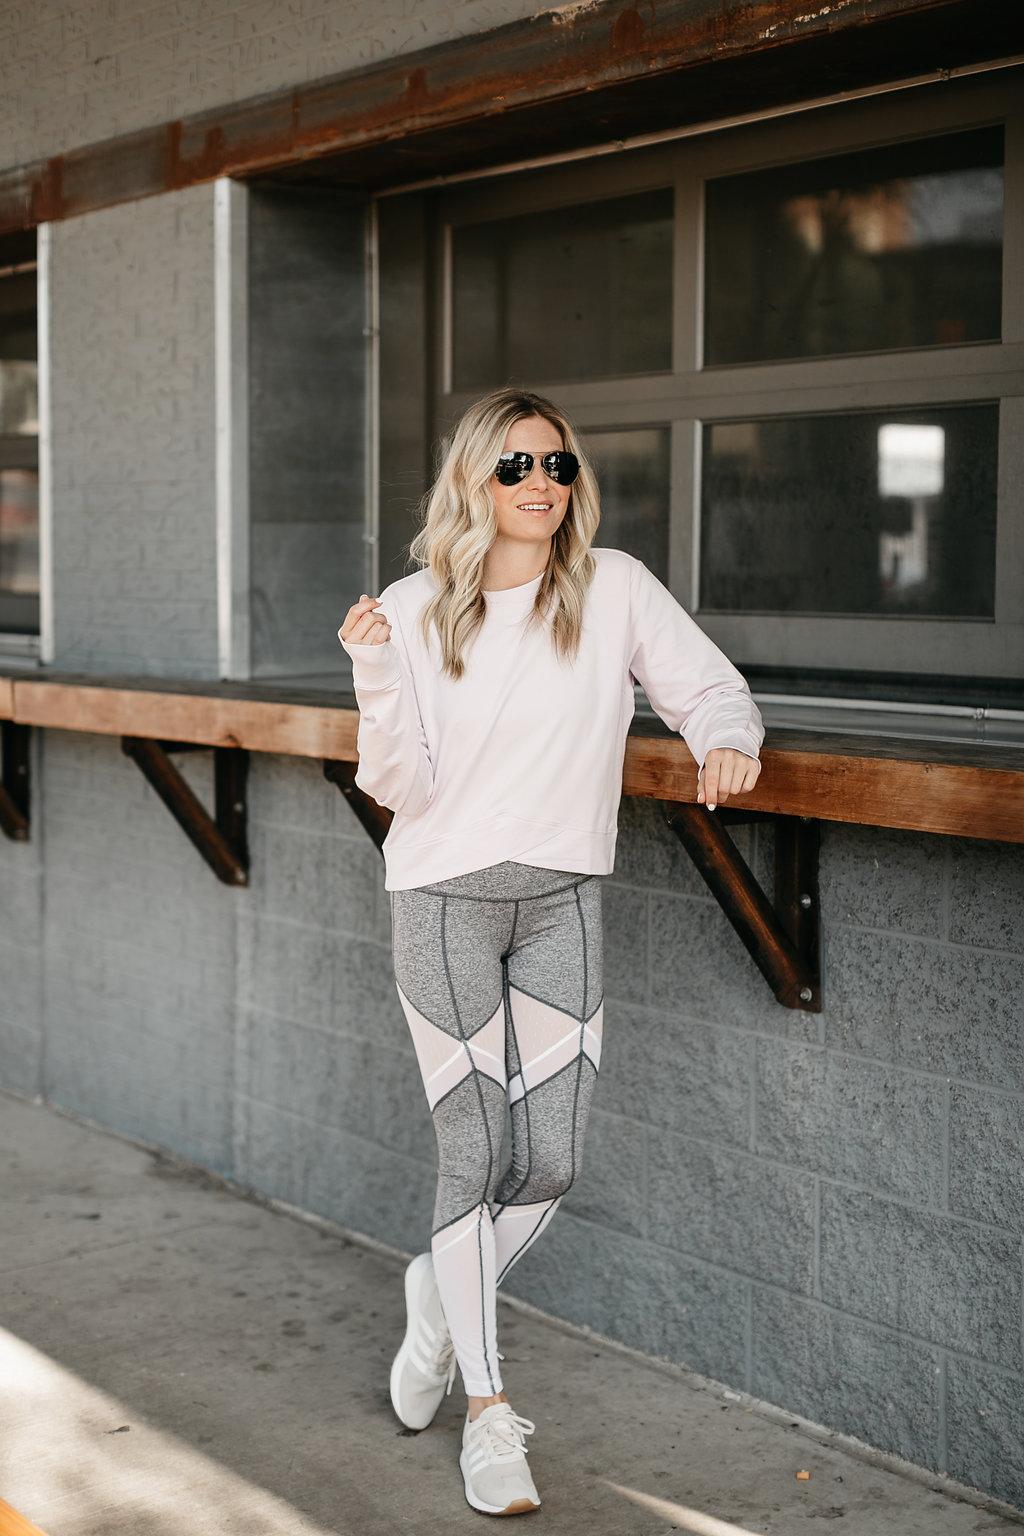 Sun Salutation High Waist Leggings ZELLA - Workout Outfits